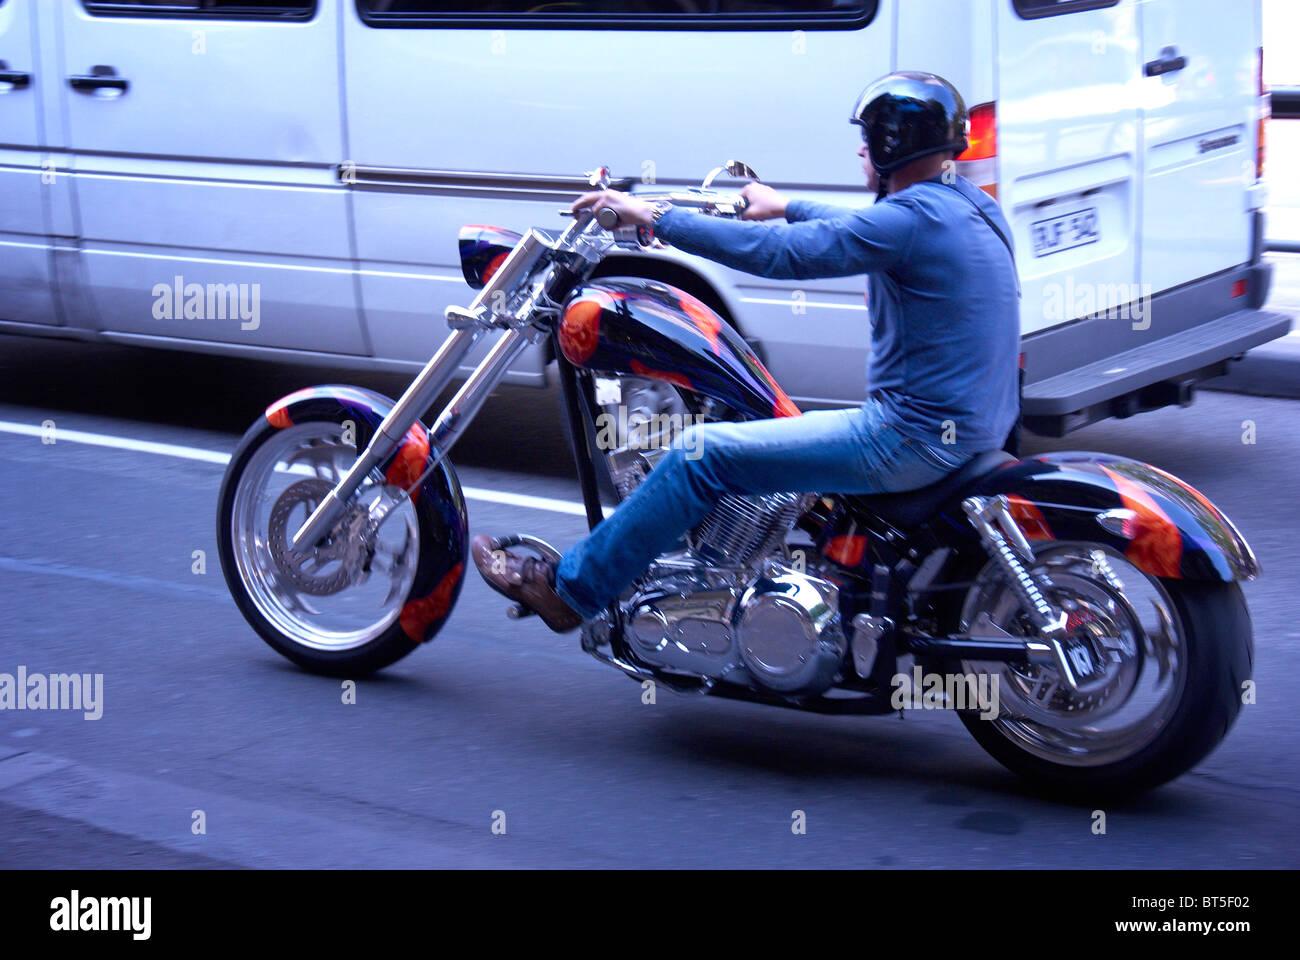 Harley davidson melbourne city